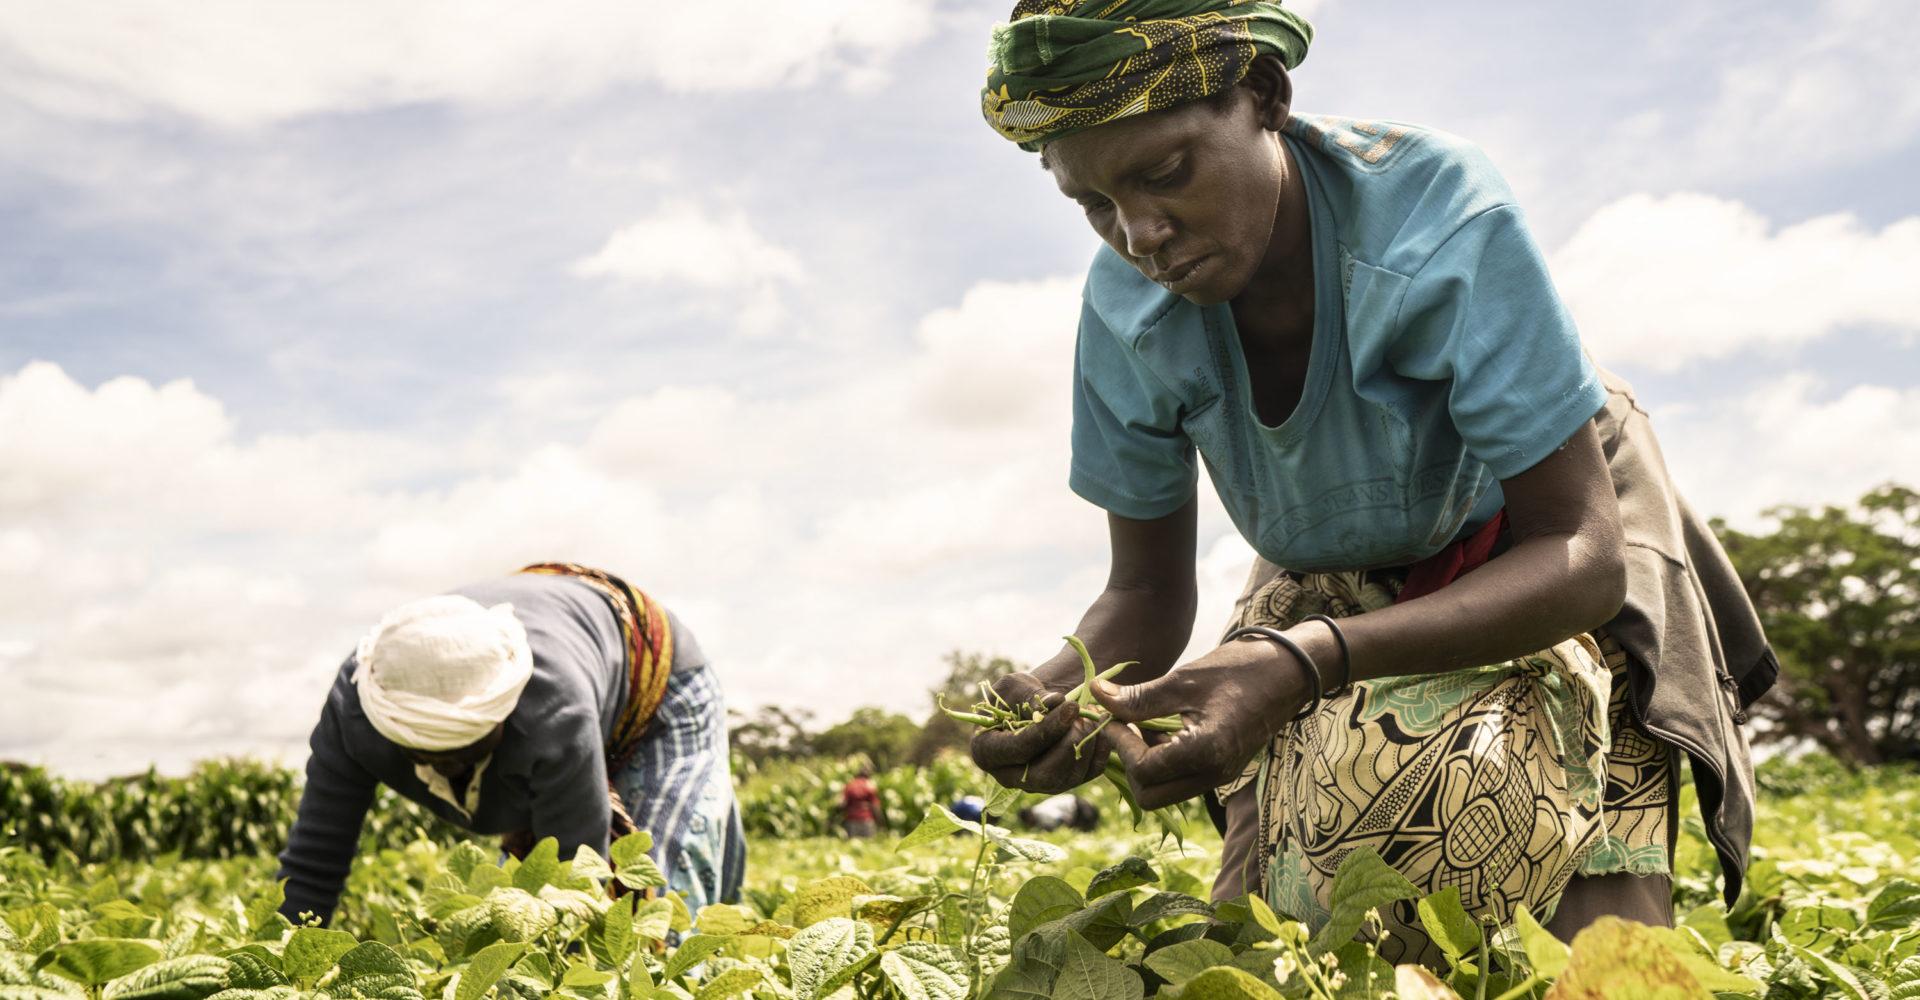 Une alimentation saine ne doit pas être un luxe pour les Africains 1